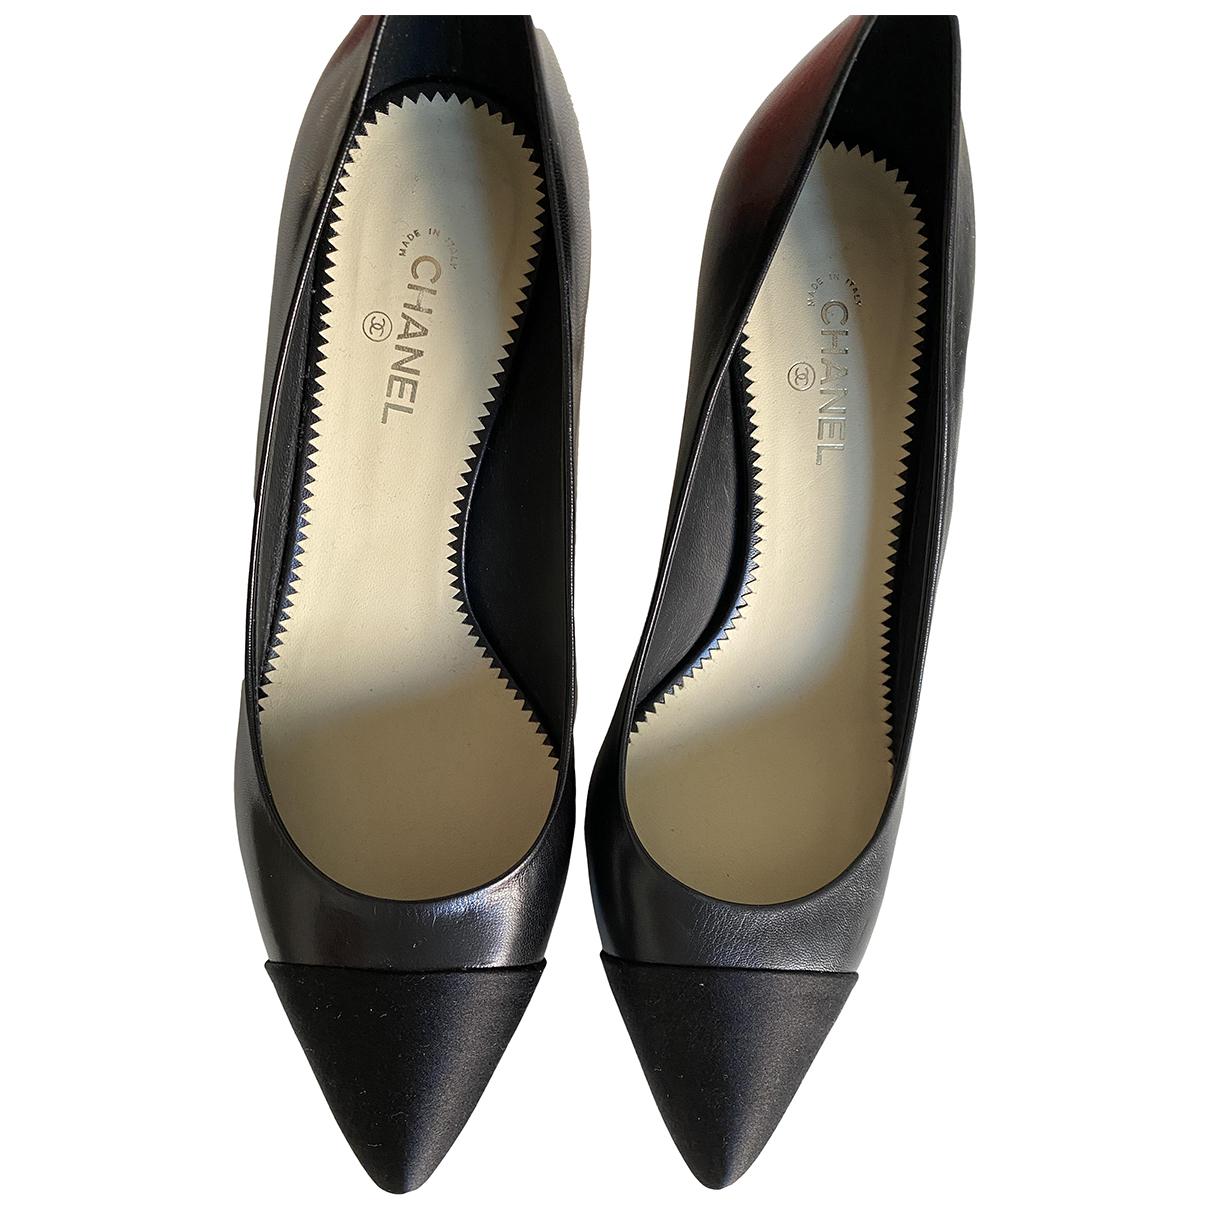 Chanel N Black Leather Heels for Women 38.5 EU